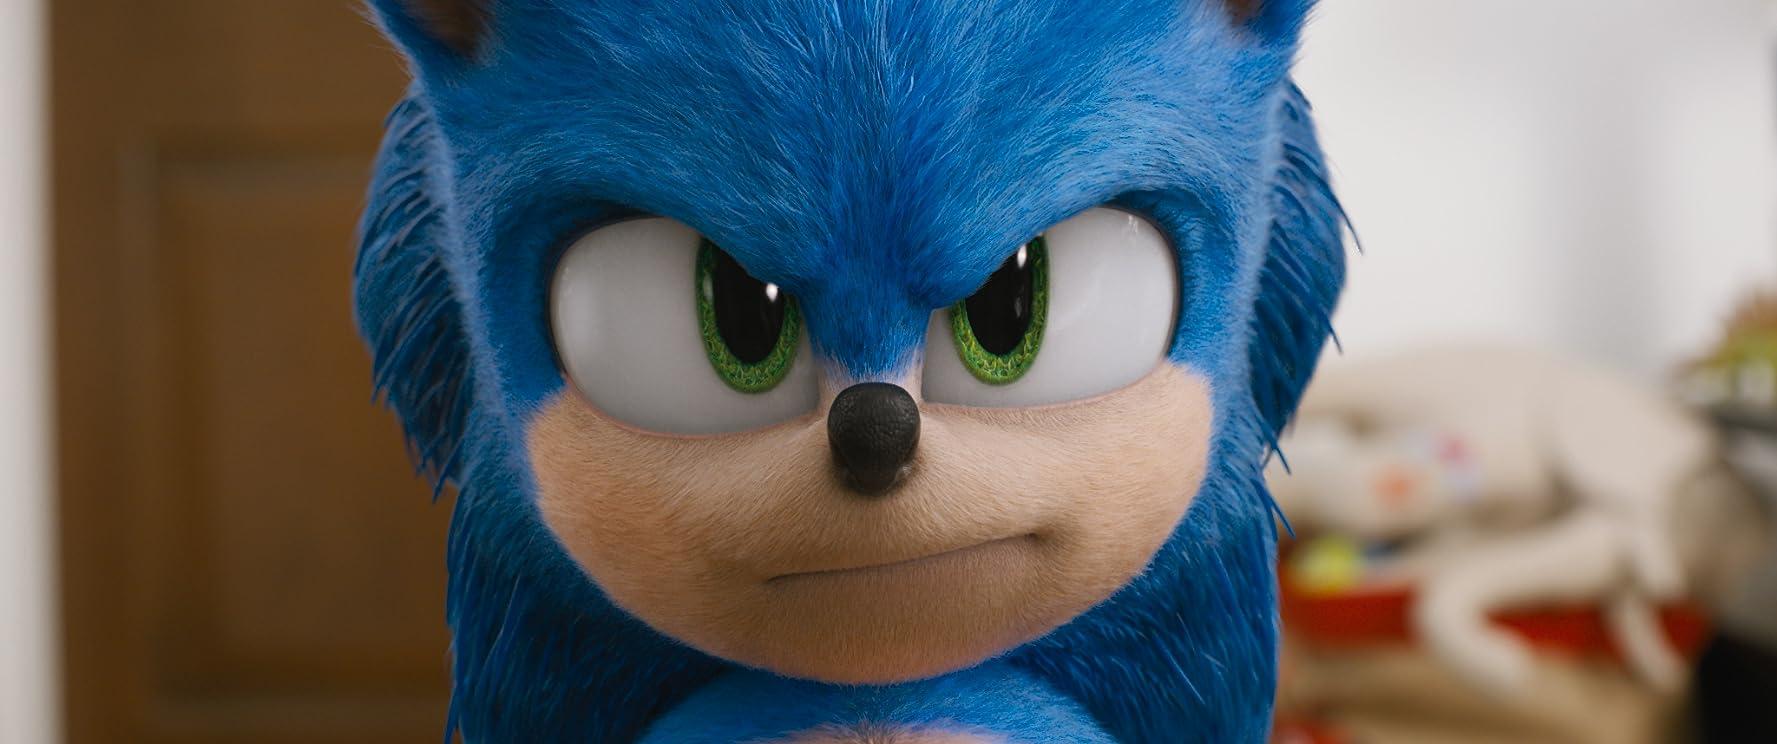 Đánh Giá Phim Nhím Sonic (Sonic the Hedgehog)